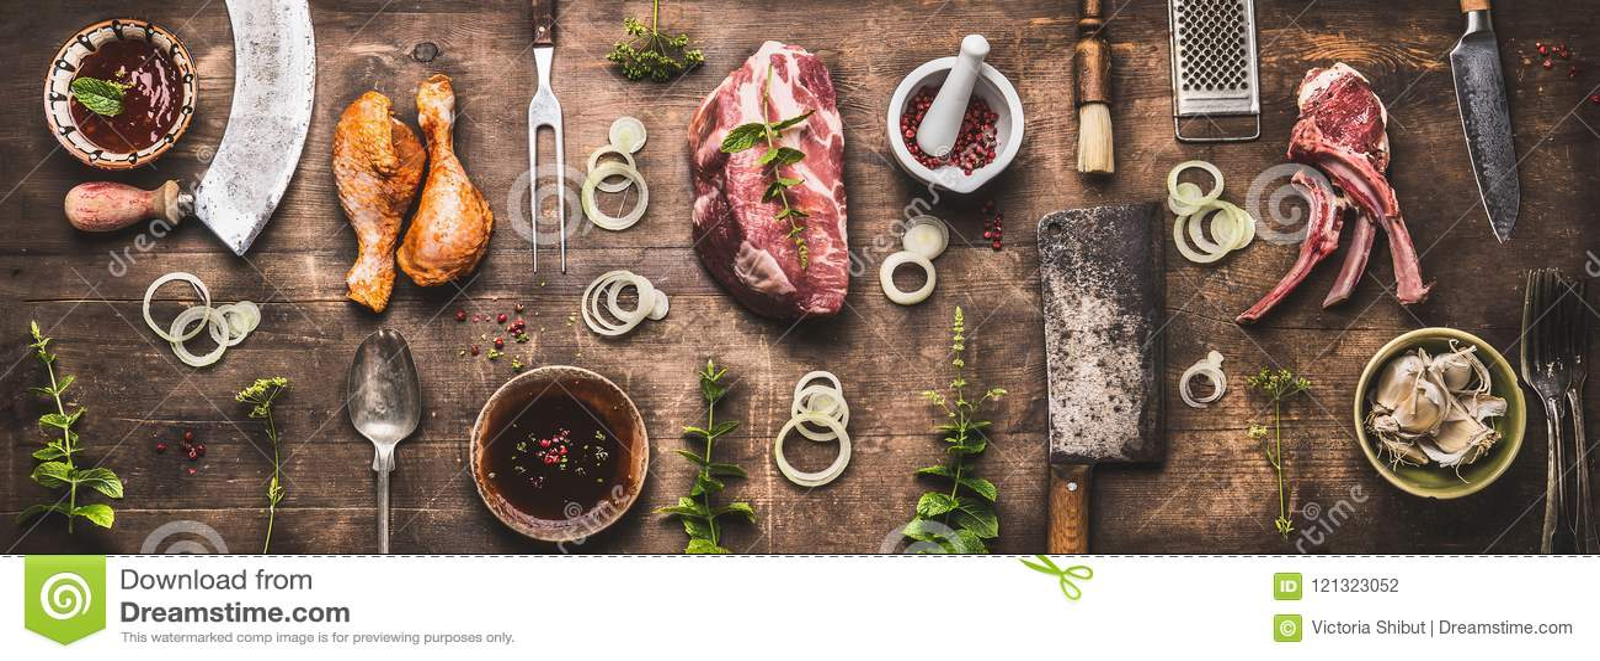 各种各样的格栅和bbq肉平的位置:鸡腿,牛排,与葡萄酒厨具厨房器物的羊羔肋骨